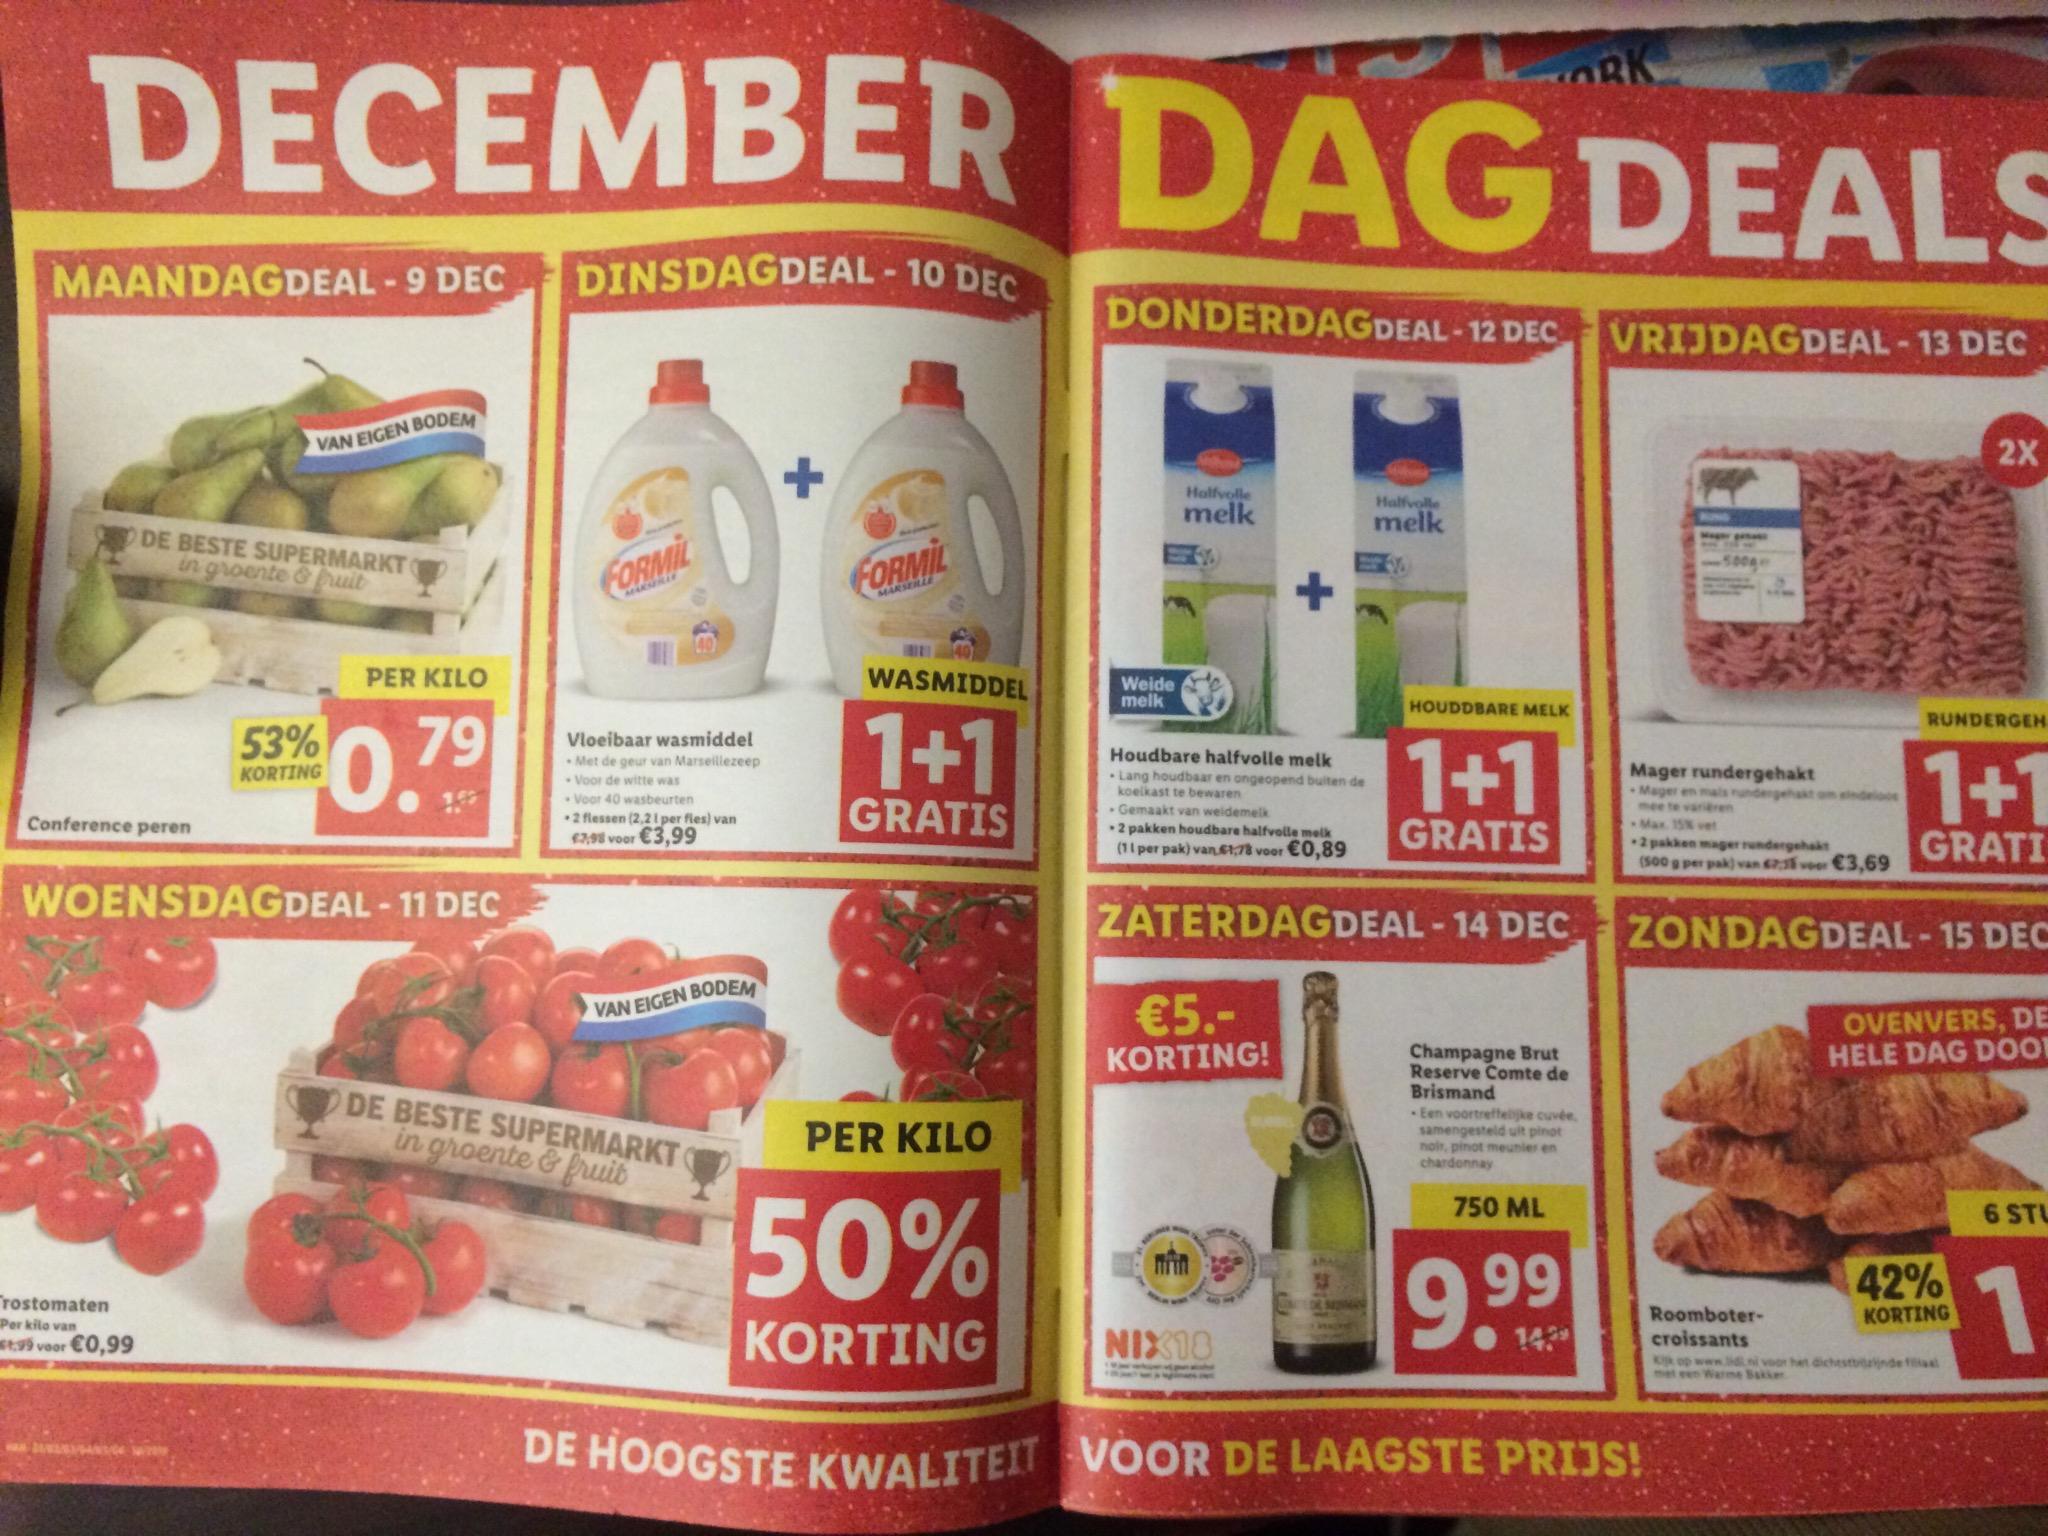 December dagdeals Lidl: volgende week o.a. mager rundergehakt 3,68 p/kg